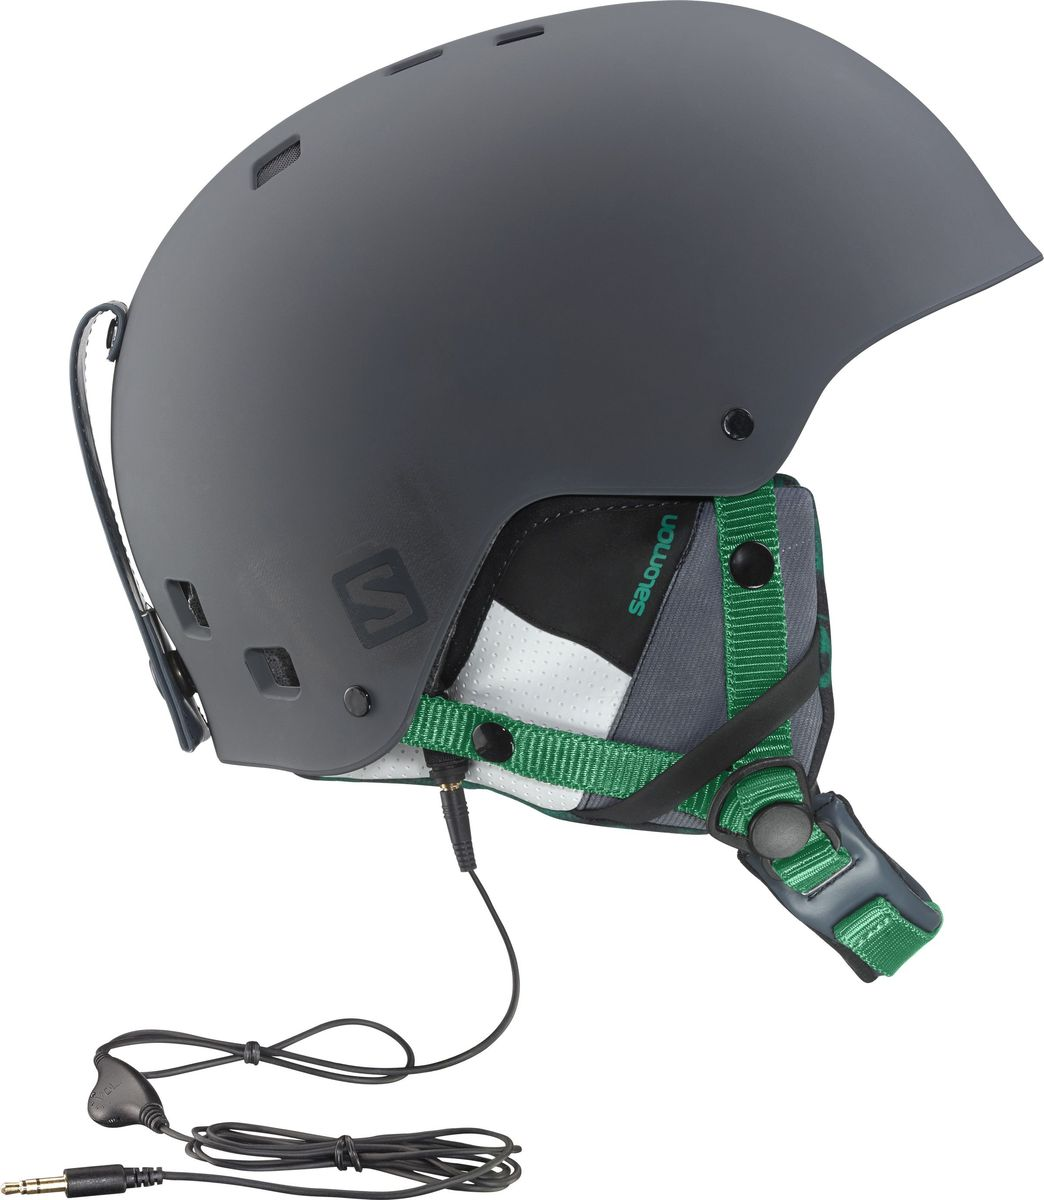 Шлем горнолыжный Salomon Helmet Brigade Audio Grey/Forest Gr. Размер L (58/59) шлем горнолыжный salomon helmet brigade audio grey forest gr размер l 58 59